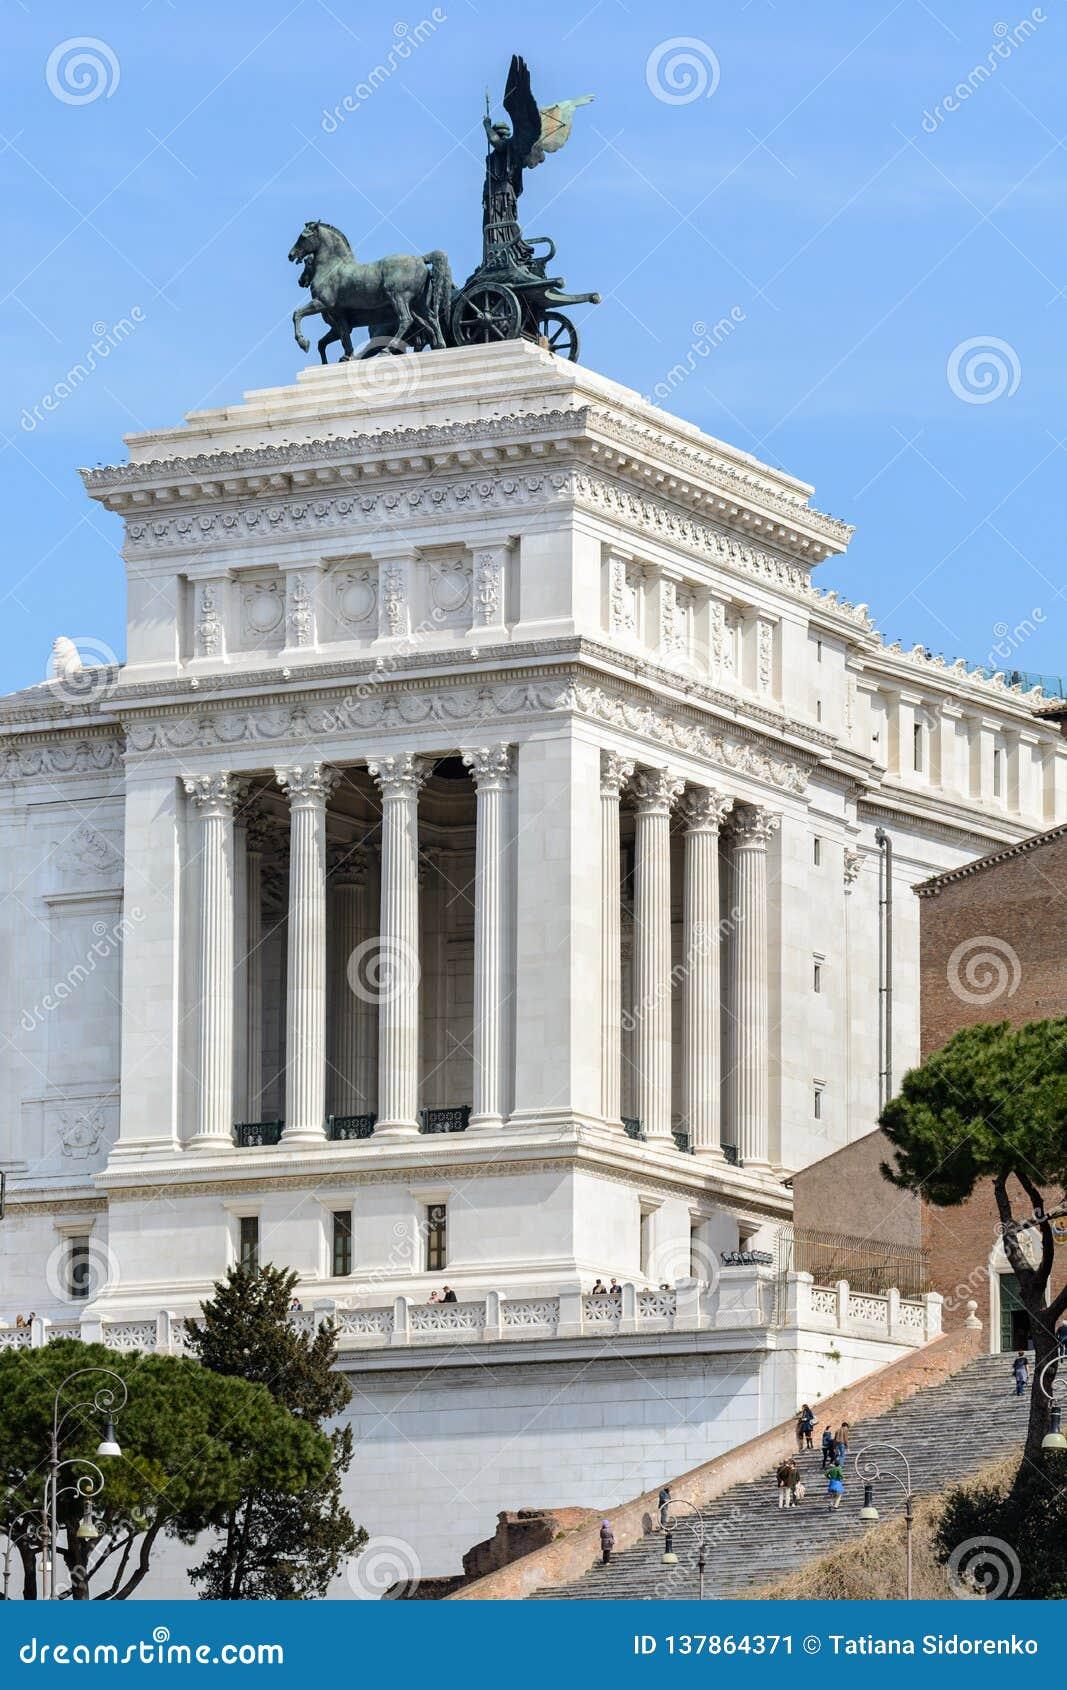 Capitol Hill Nella parte centrale del complesso commemorativo di Vittoriano c è una statua equestre bronzea di Victor Emmanuel II